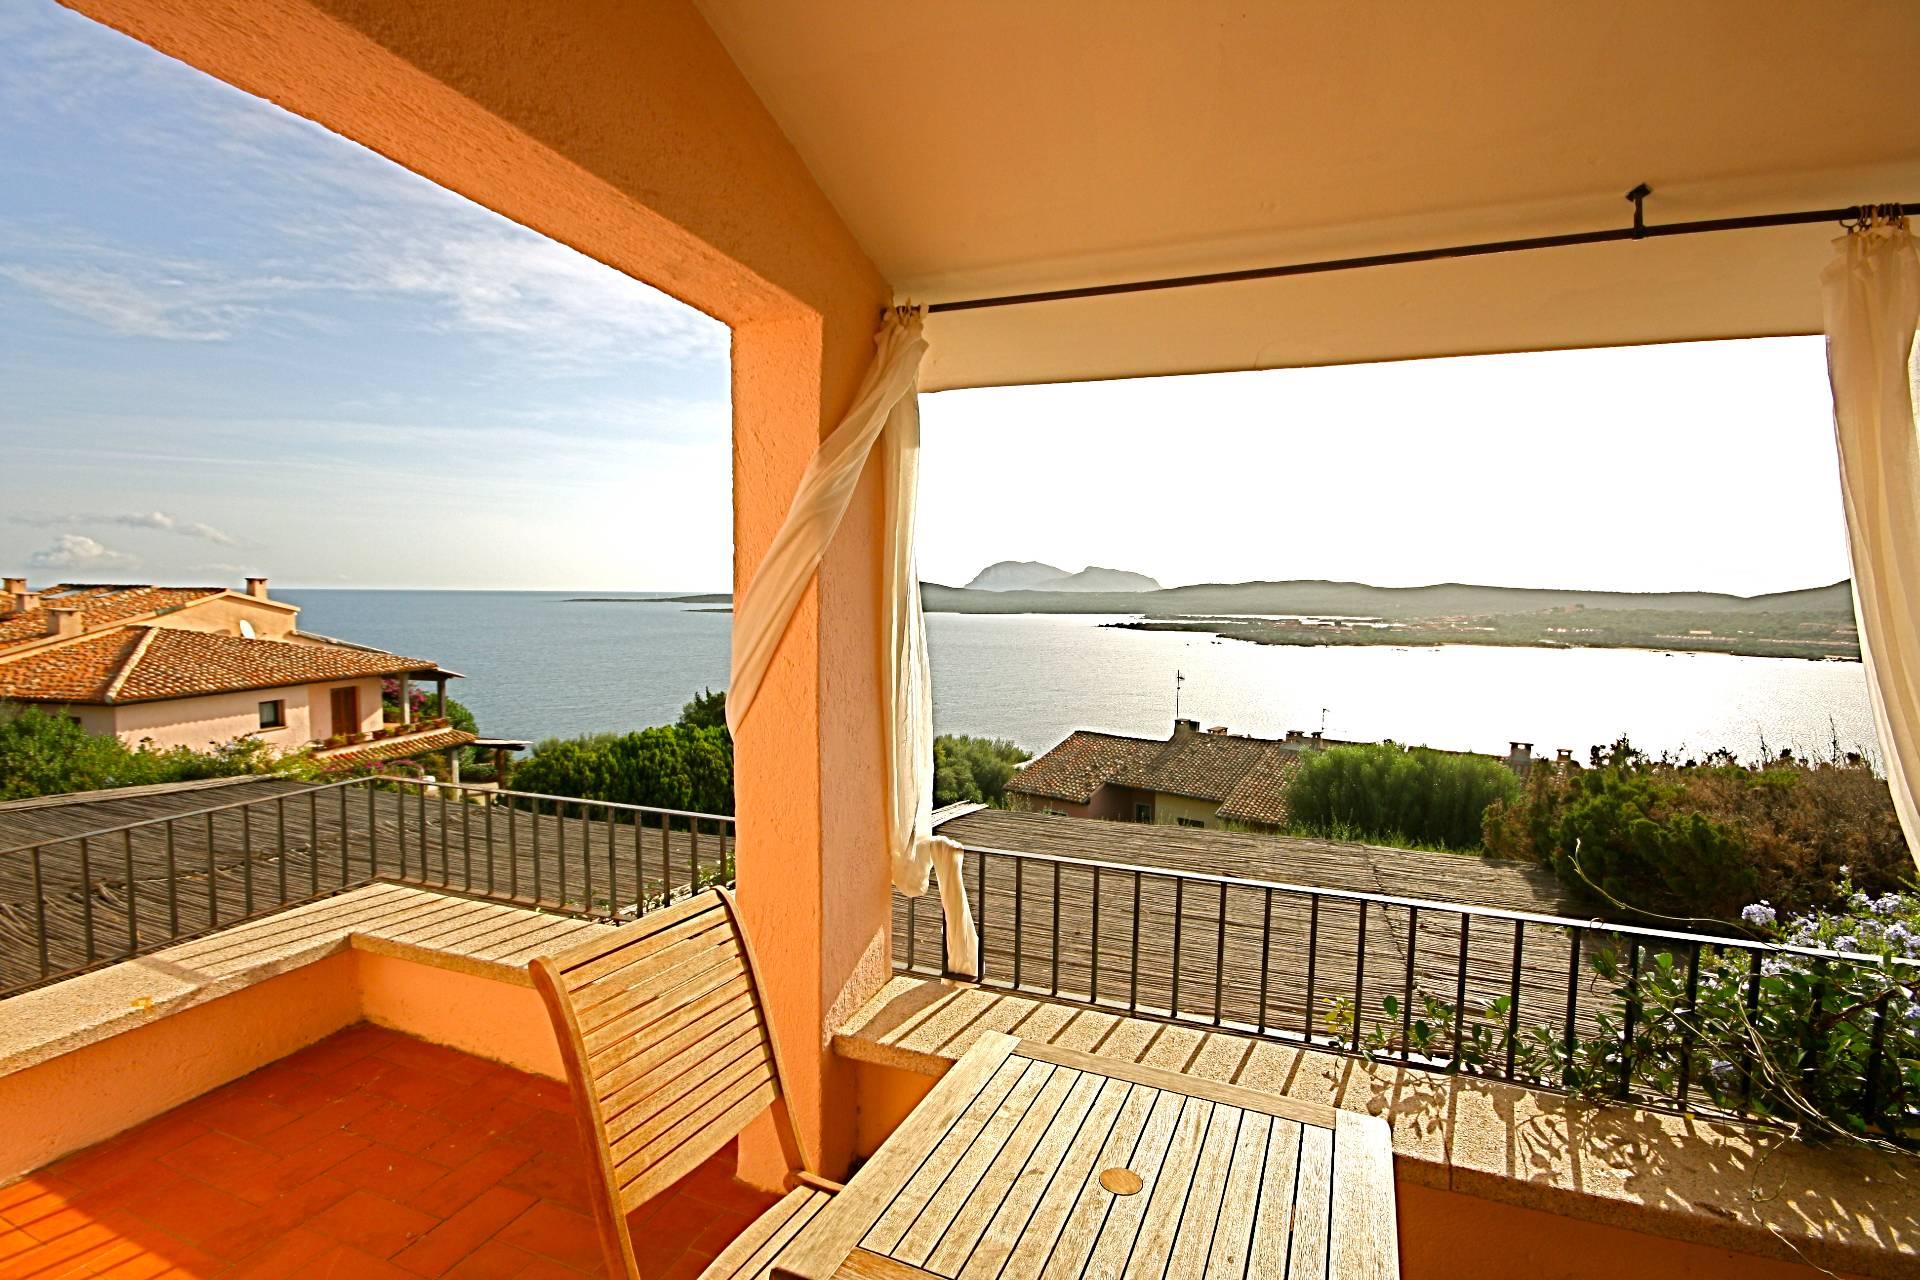 Immobile Turistico in Affitto a Olbia - Porto Rotondo